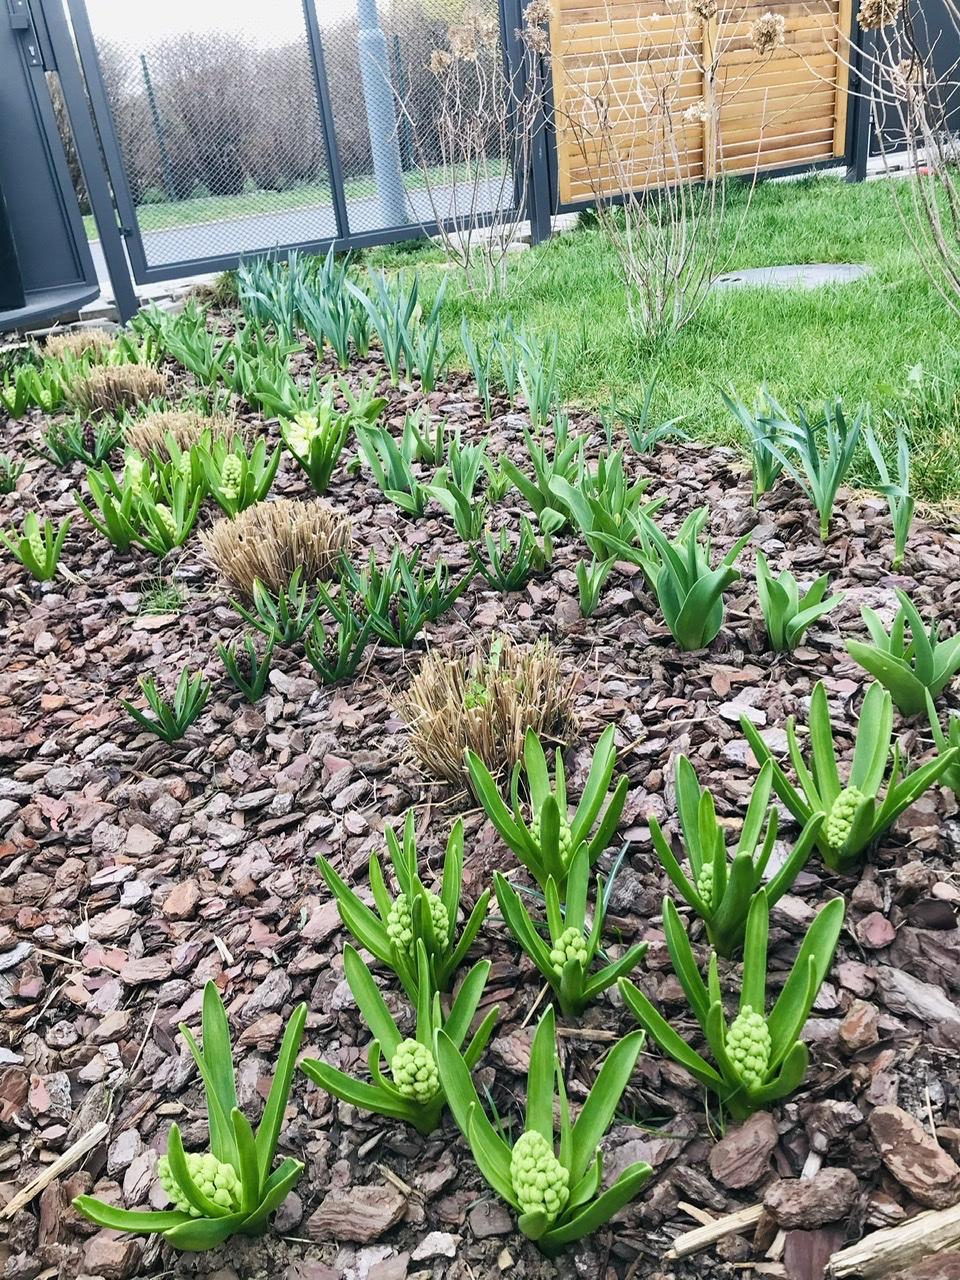 Naše L-ko - 2021 - stále dokončujeme - Predzahrádka - 5 metrový pás s cibulovinami a ozdobnicami. Tesne po ostrihaní ozdobnic začínaju pučať hyacinty, narcisy a tulipány, ktoré su sadené na vyplnenie obdobia dokial okrasná tráva znovu zazelená.